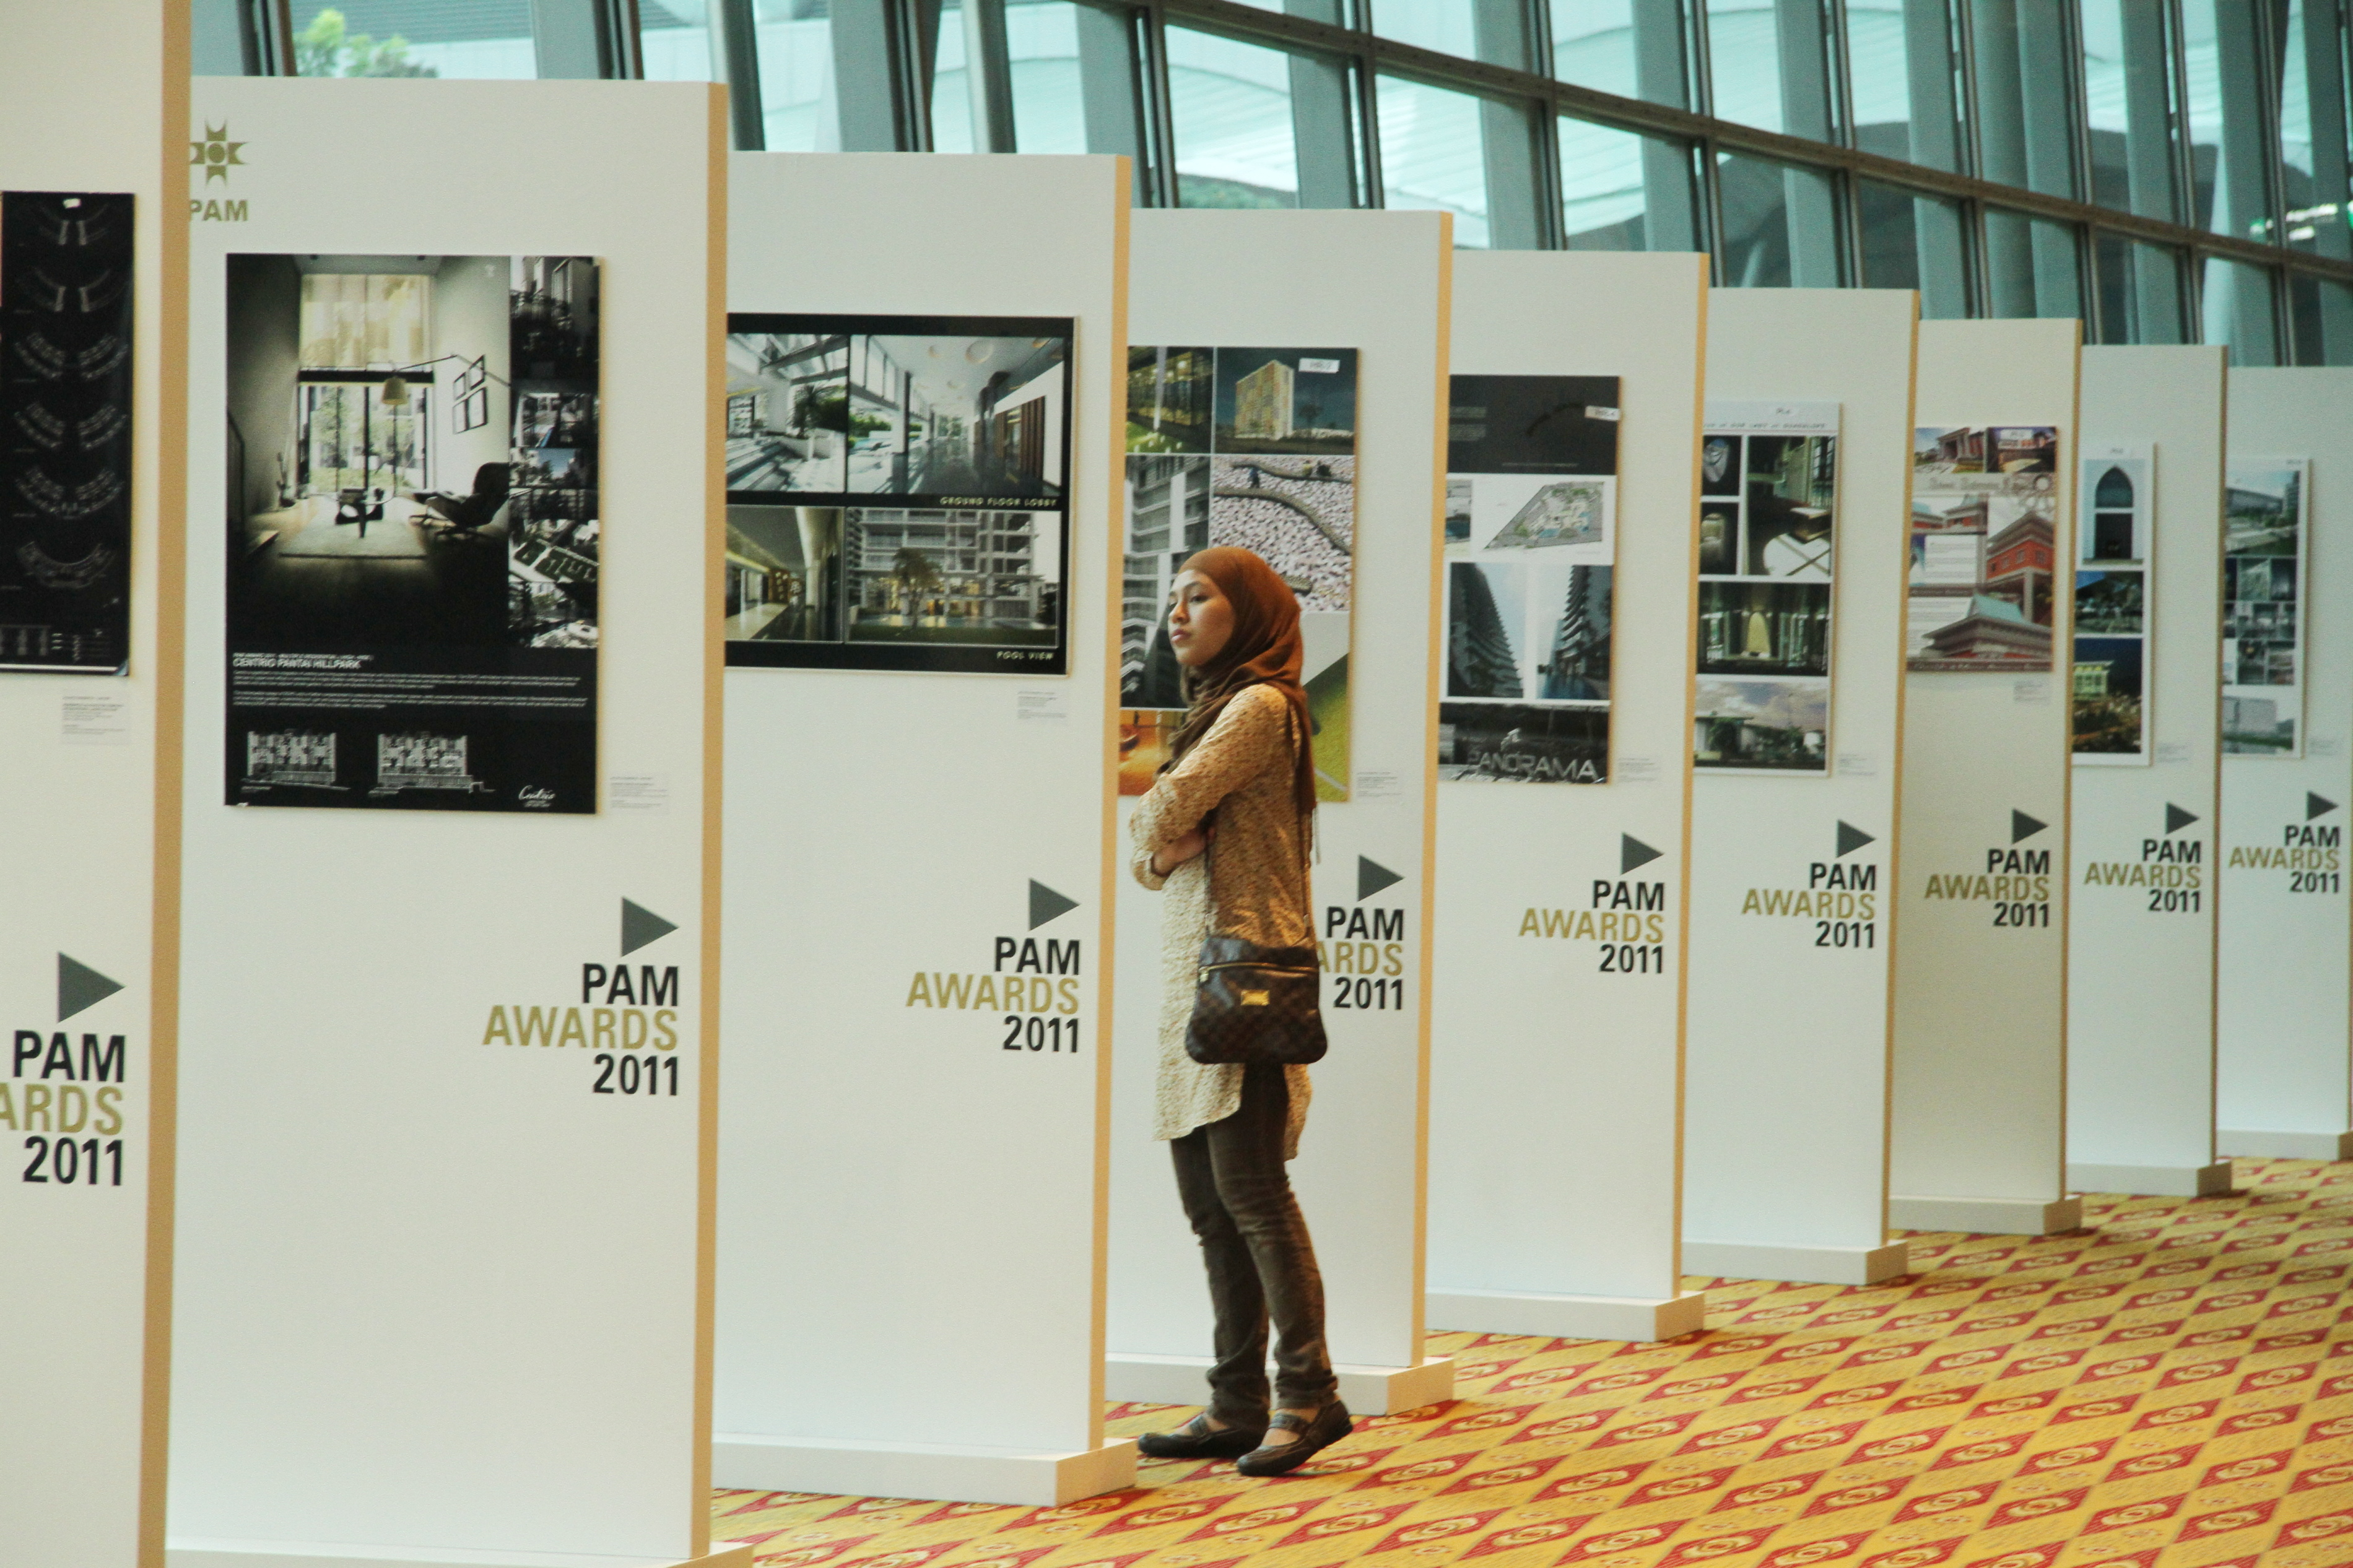 PAM Awards 2011